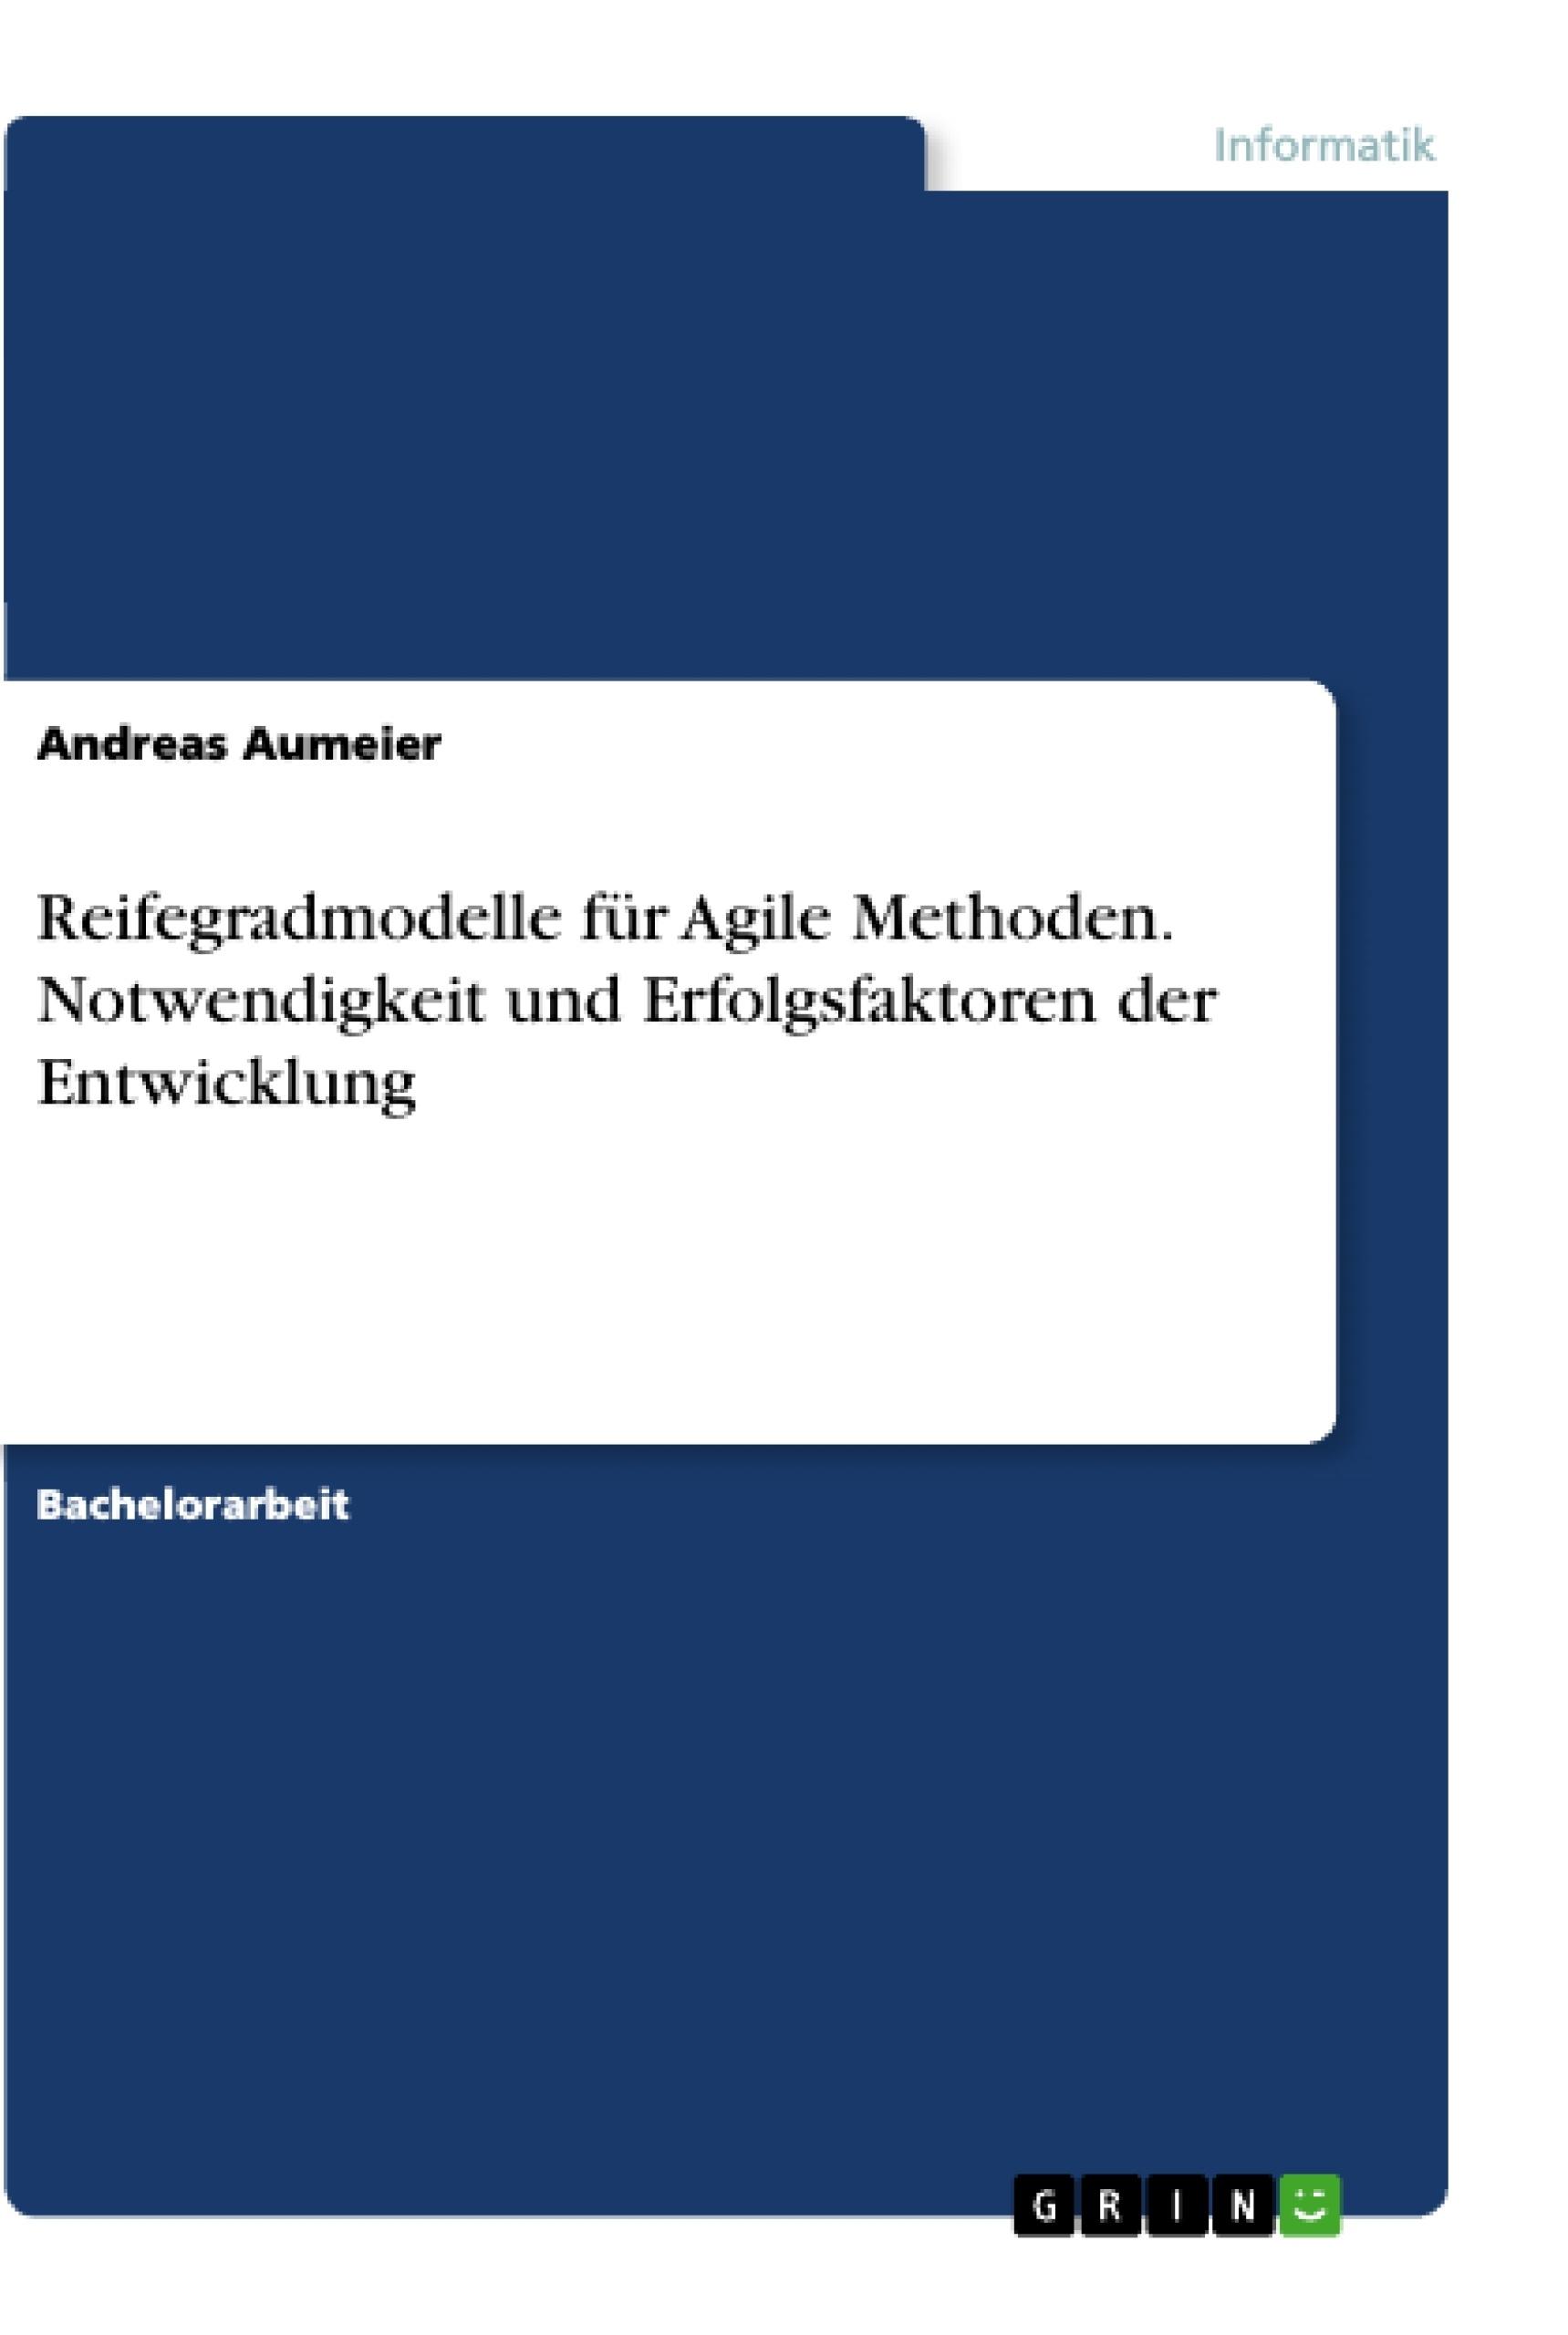 Titel: Reifegradmodelle für Agile Methoden. Notwendigkeit und Erfolgsfaktoren der Entwicklung